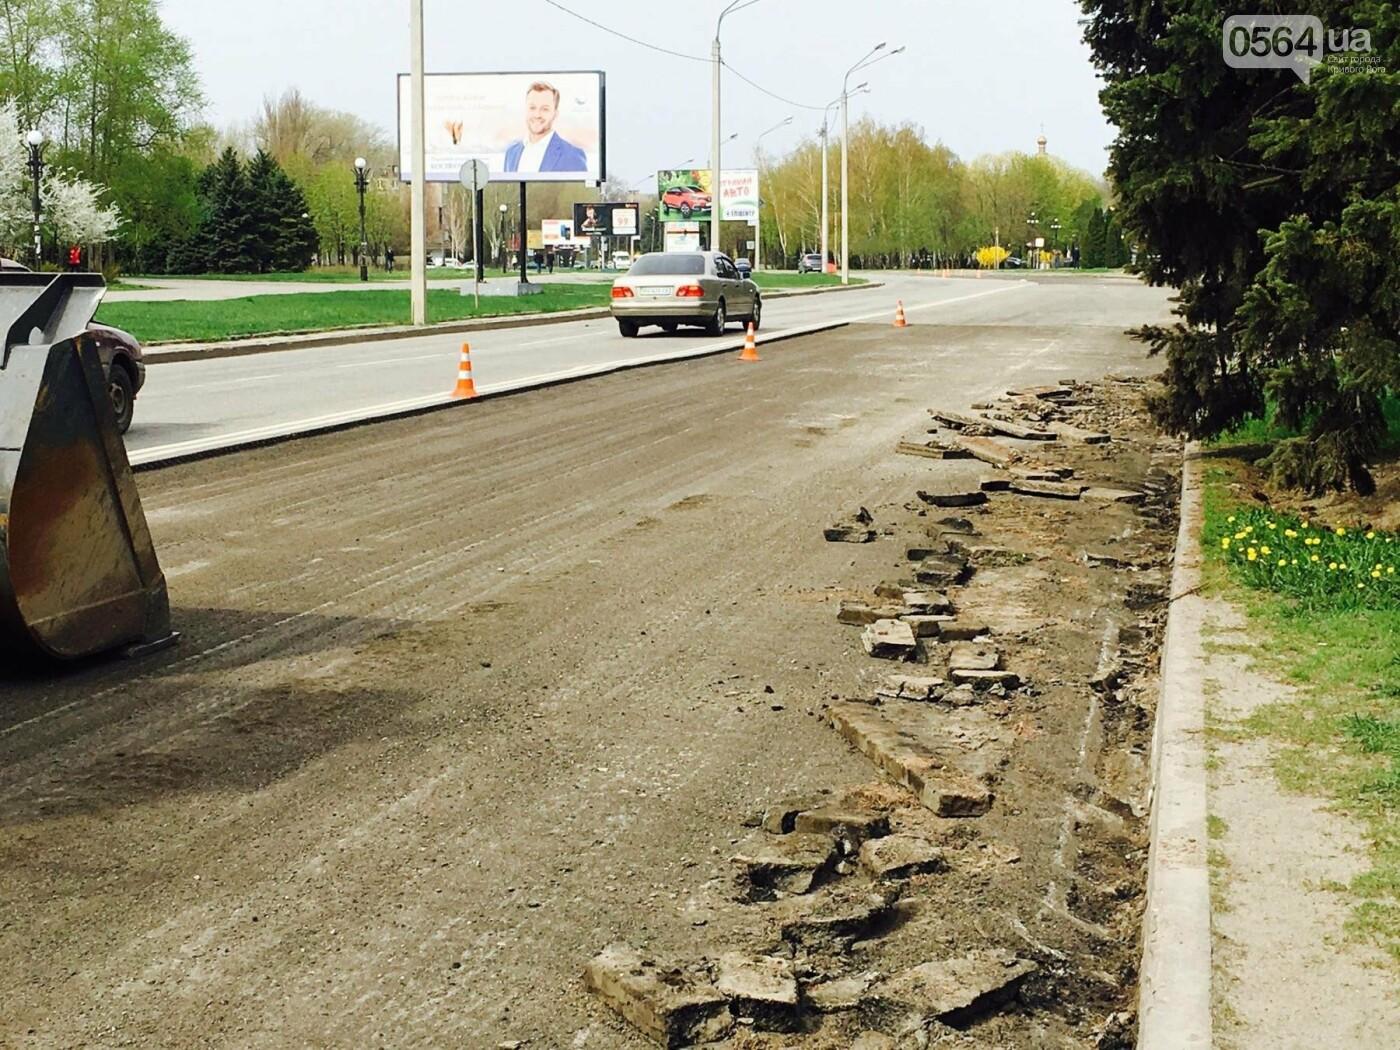 В Кривом Роге ремонтируют дороги и днем, и ночью (ФОТО), фото-10